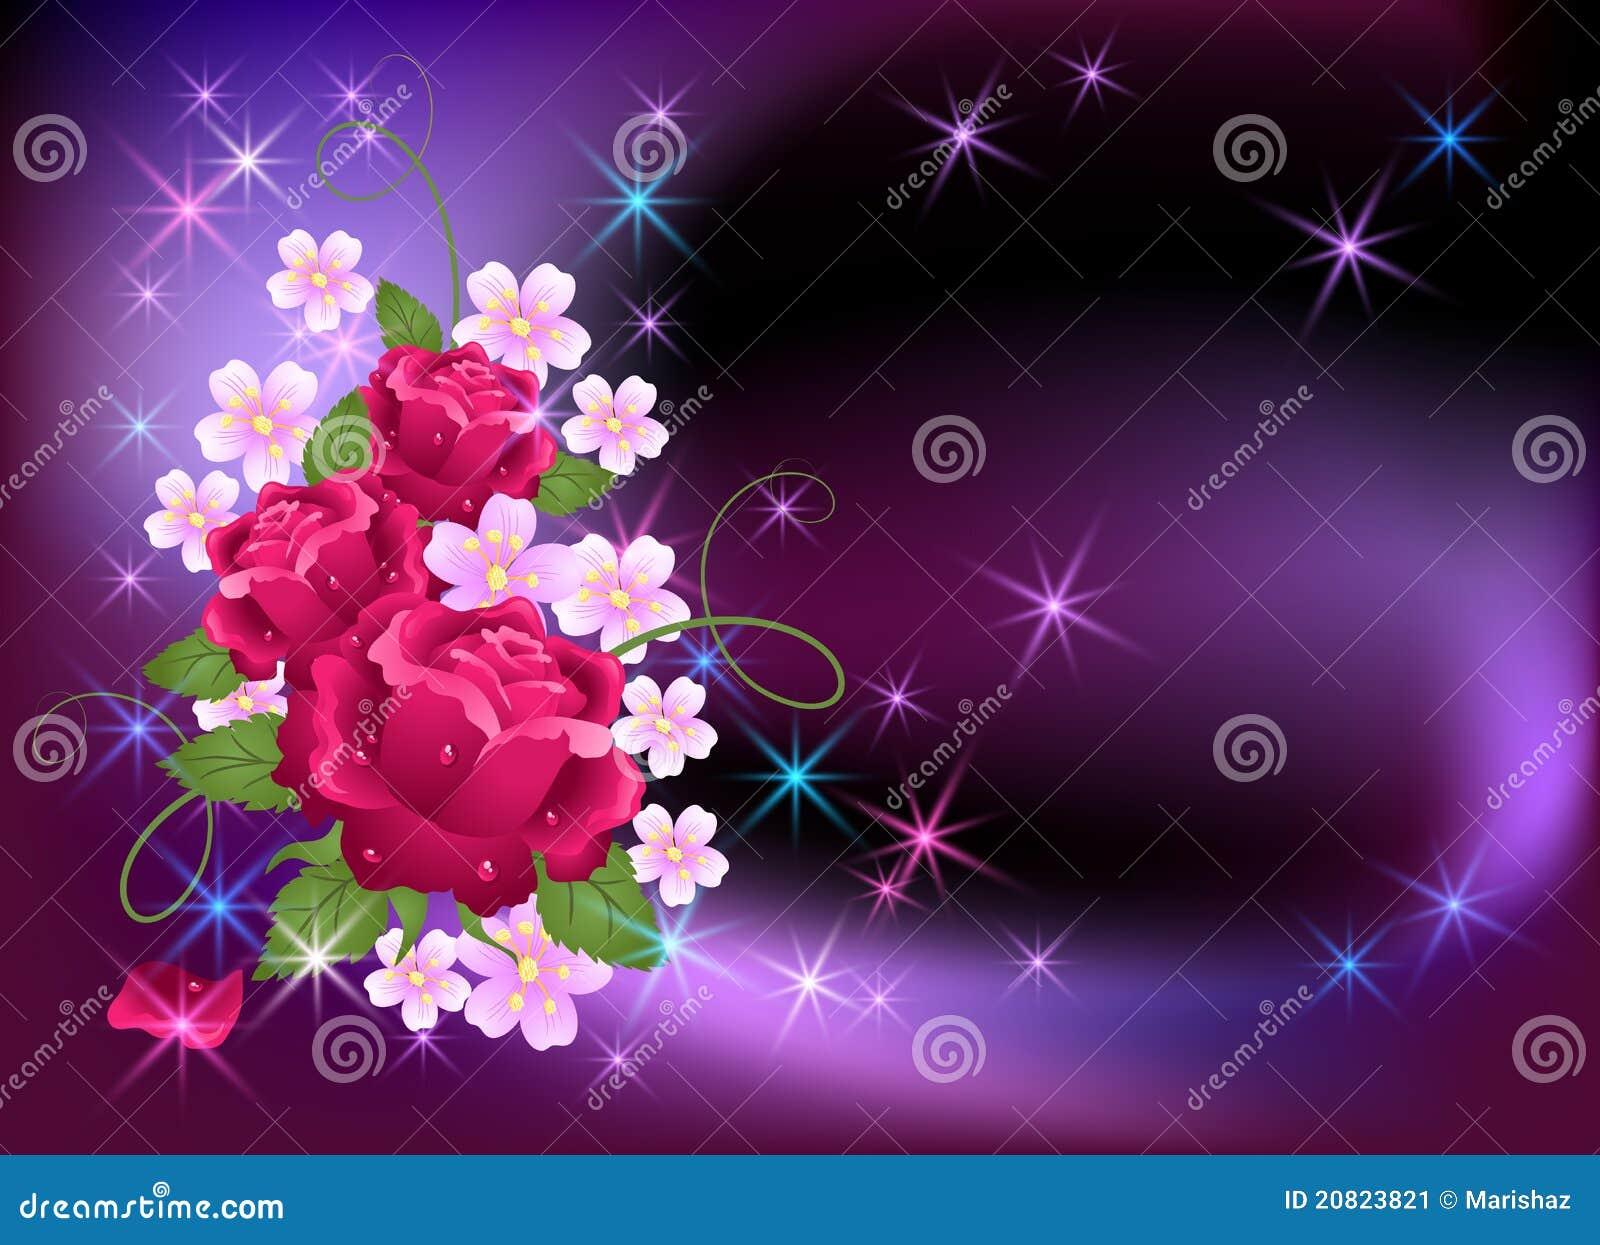 Fondo que brilla intensamente con las rosas Imagen de archivo